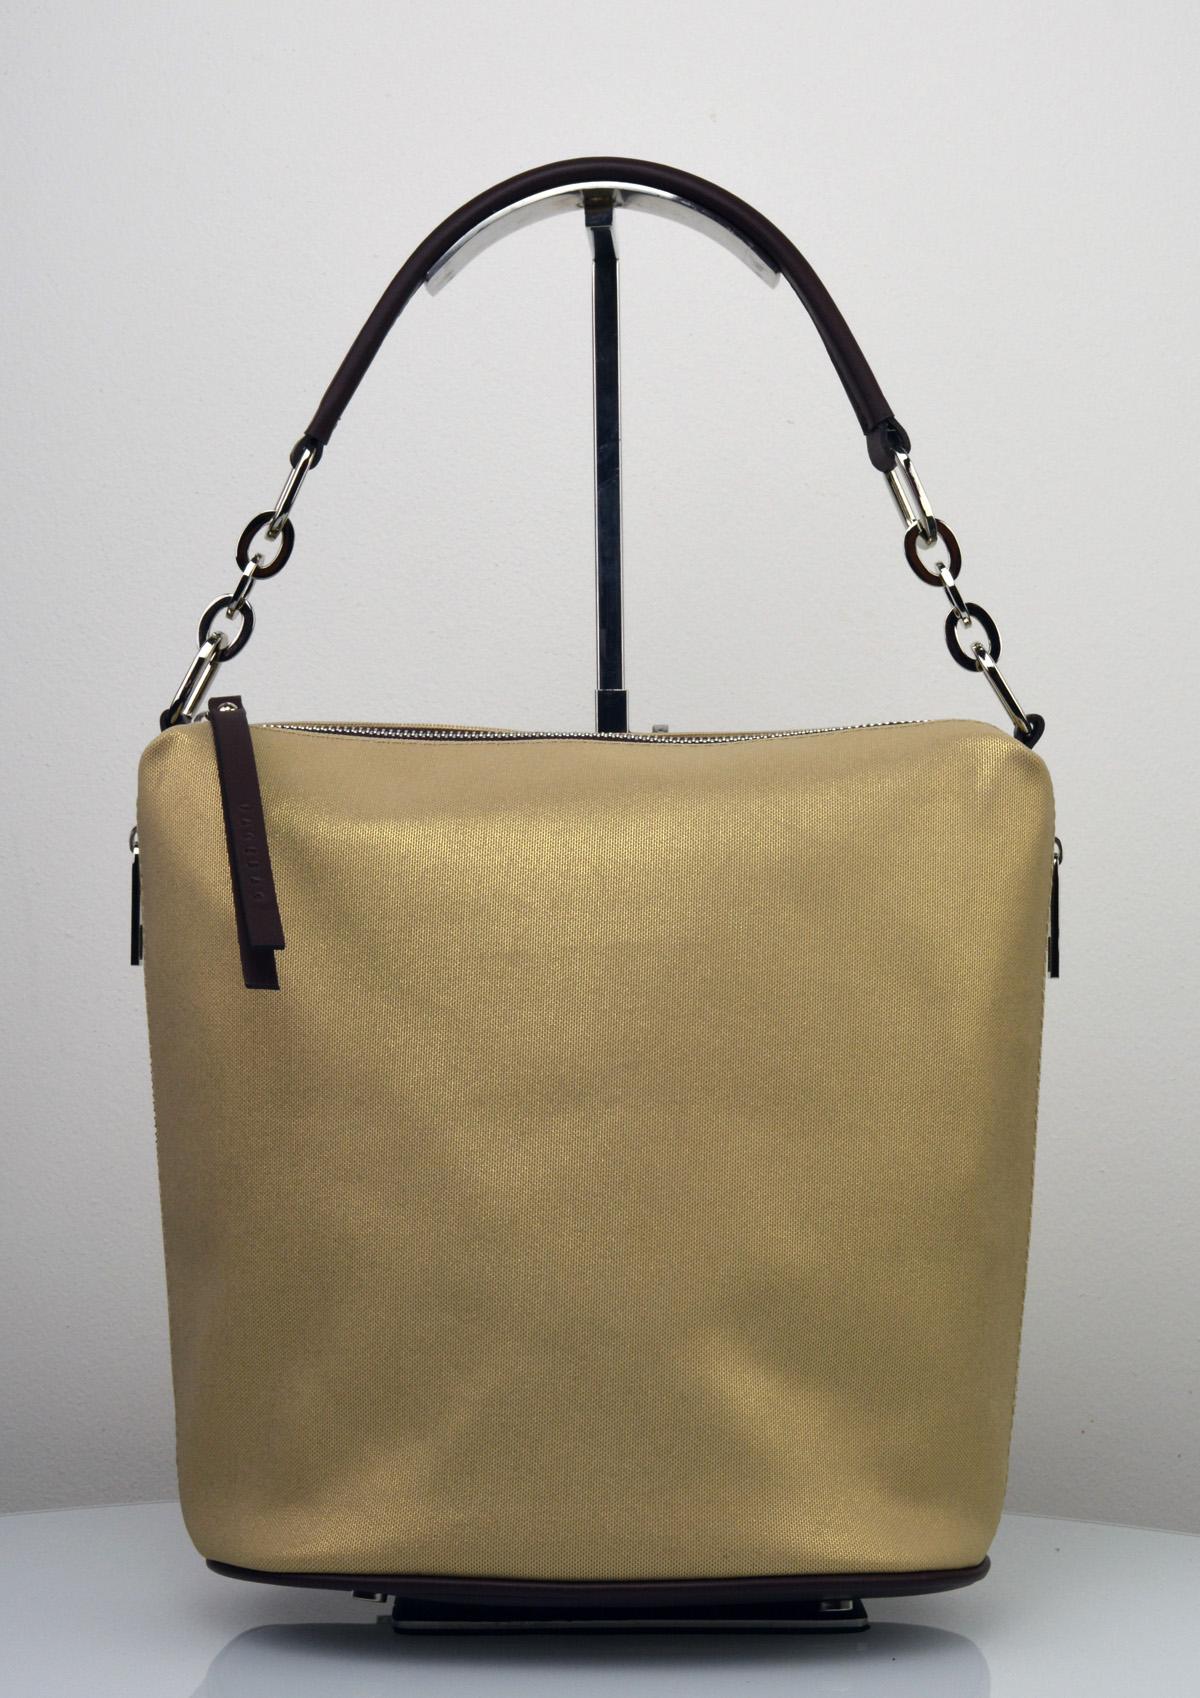 576b5a009 Dámská kožená kabelka FACEBAG MOLY - Kombinace látky a kůže - Zlatá ...